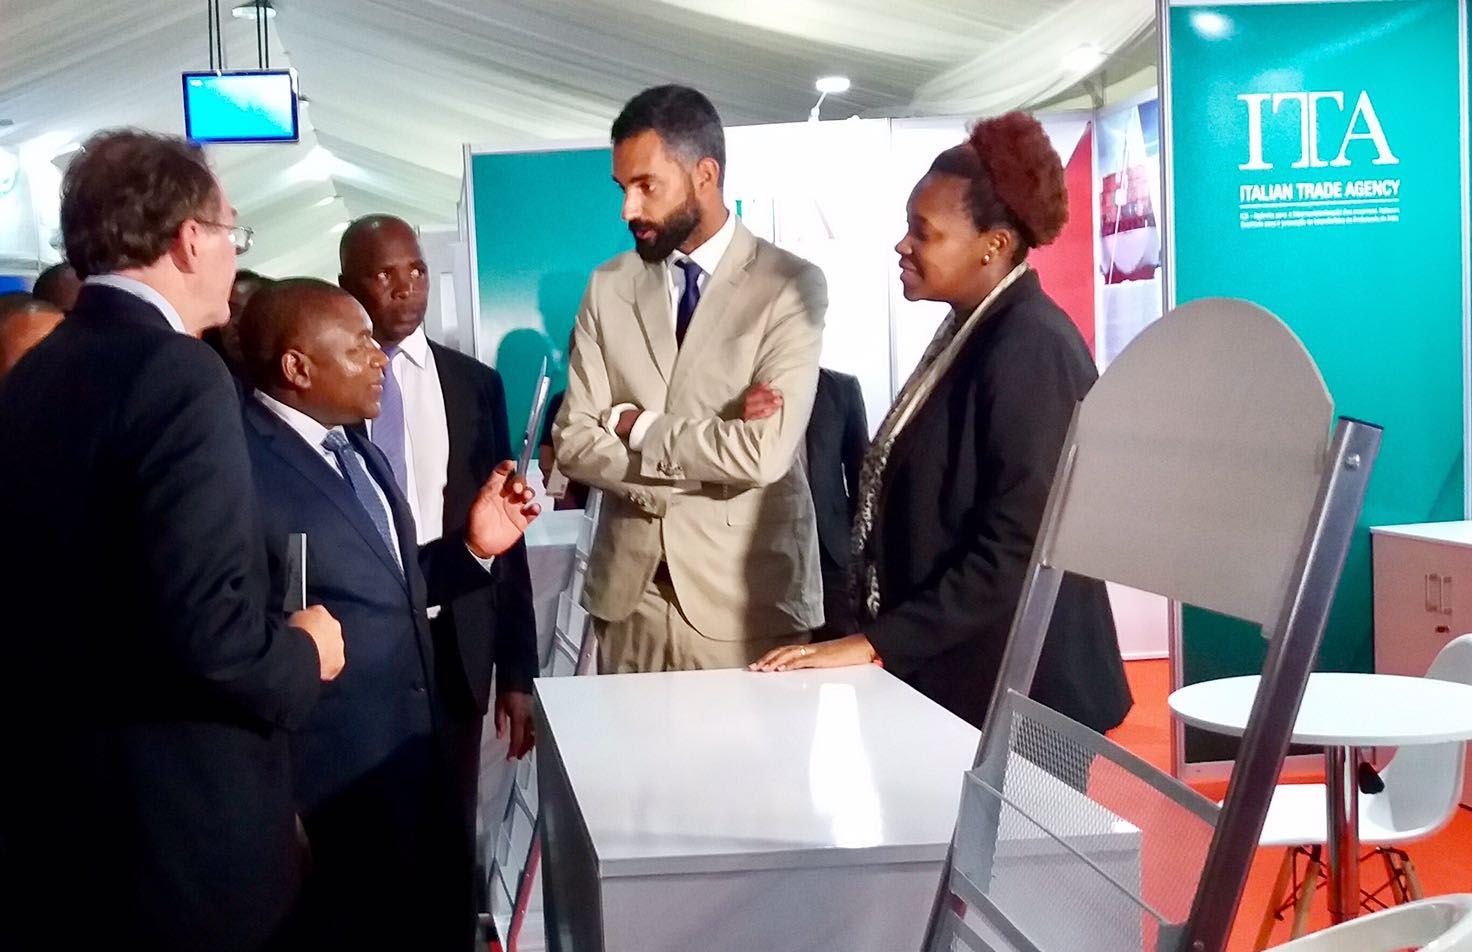 Mozambico: ITPO Italy partecipa al FACIM 2017 con una delegazione di imprese italiane del settore agro